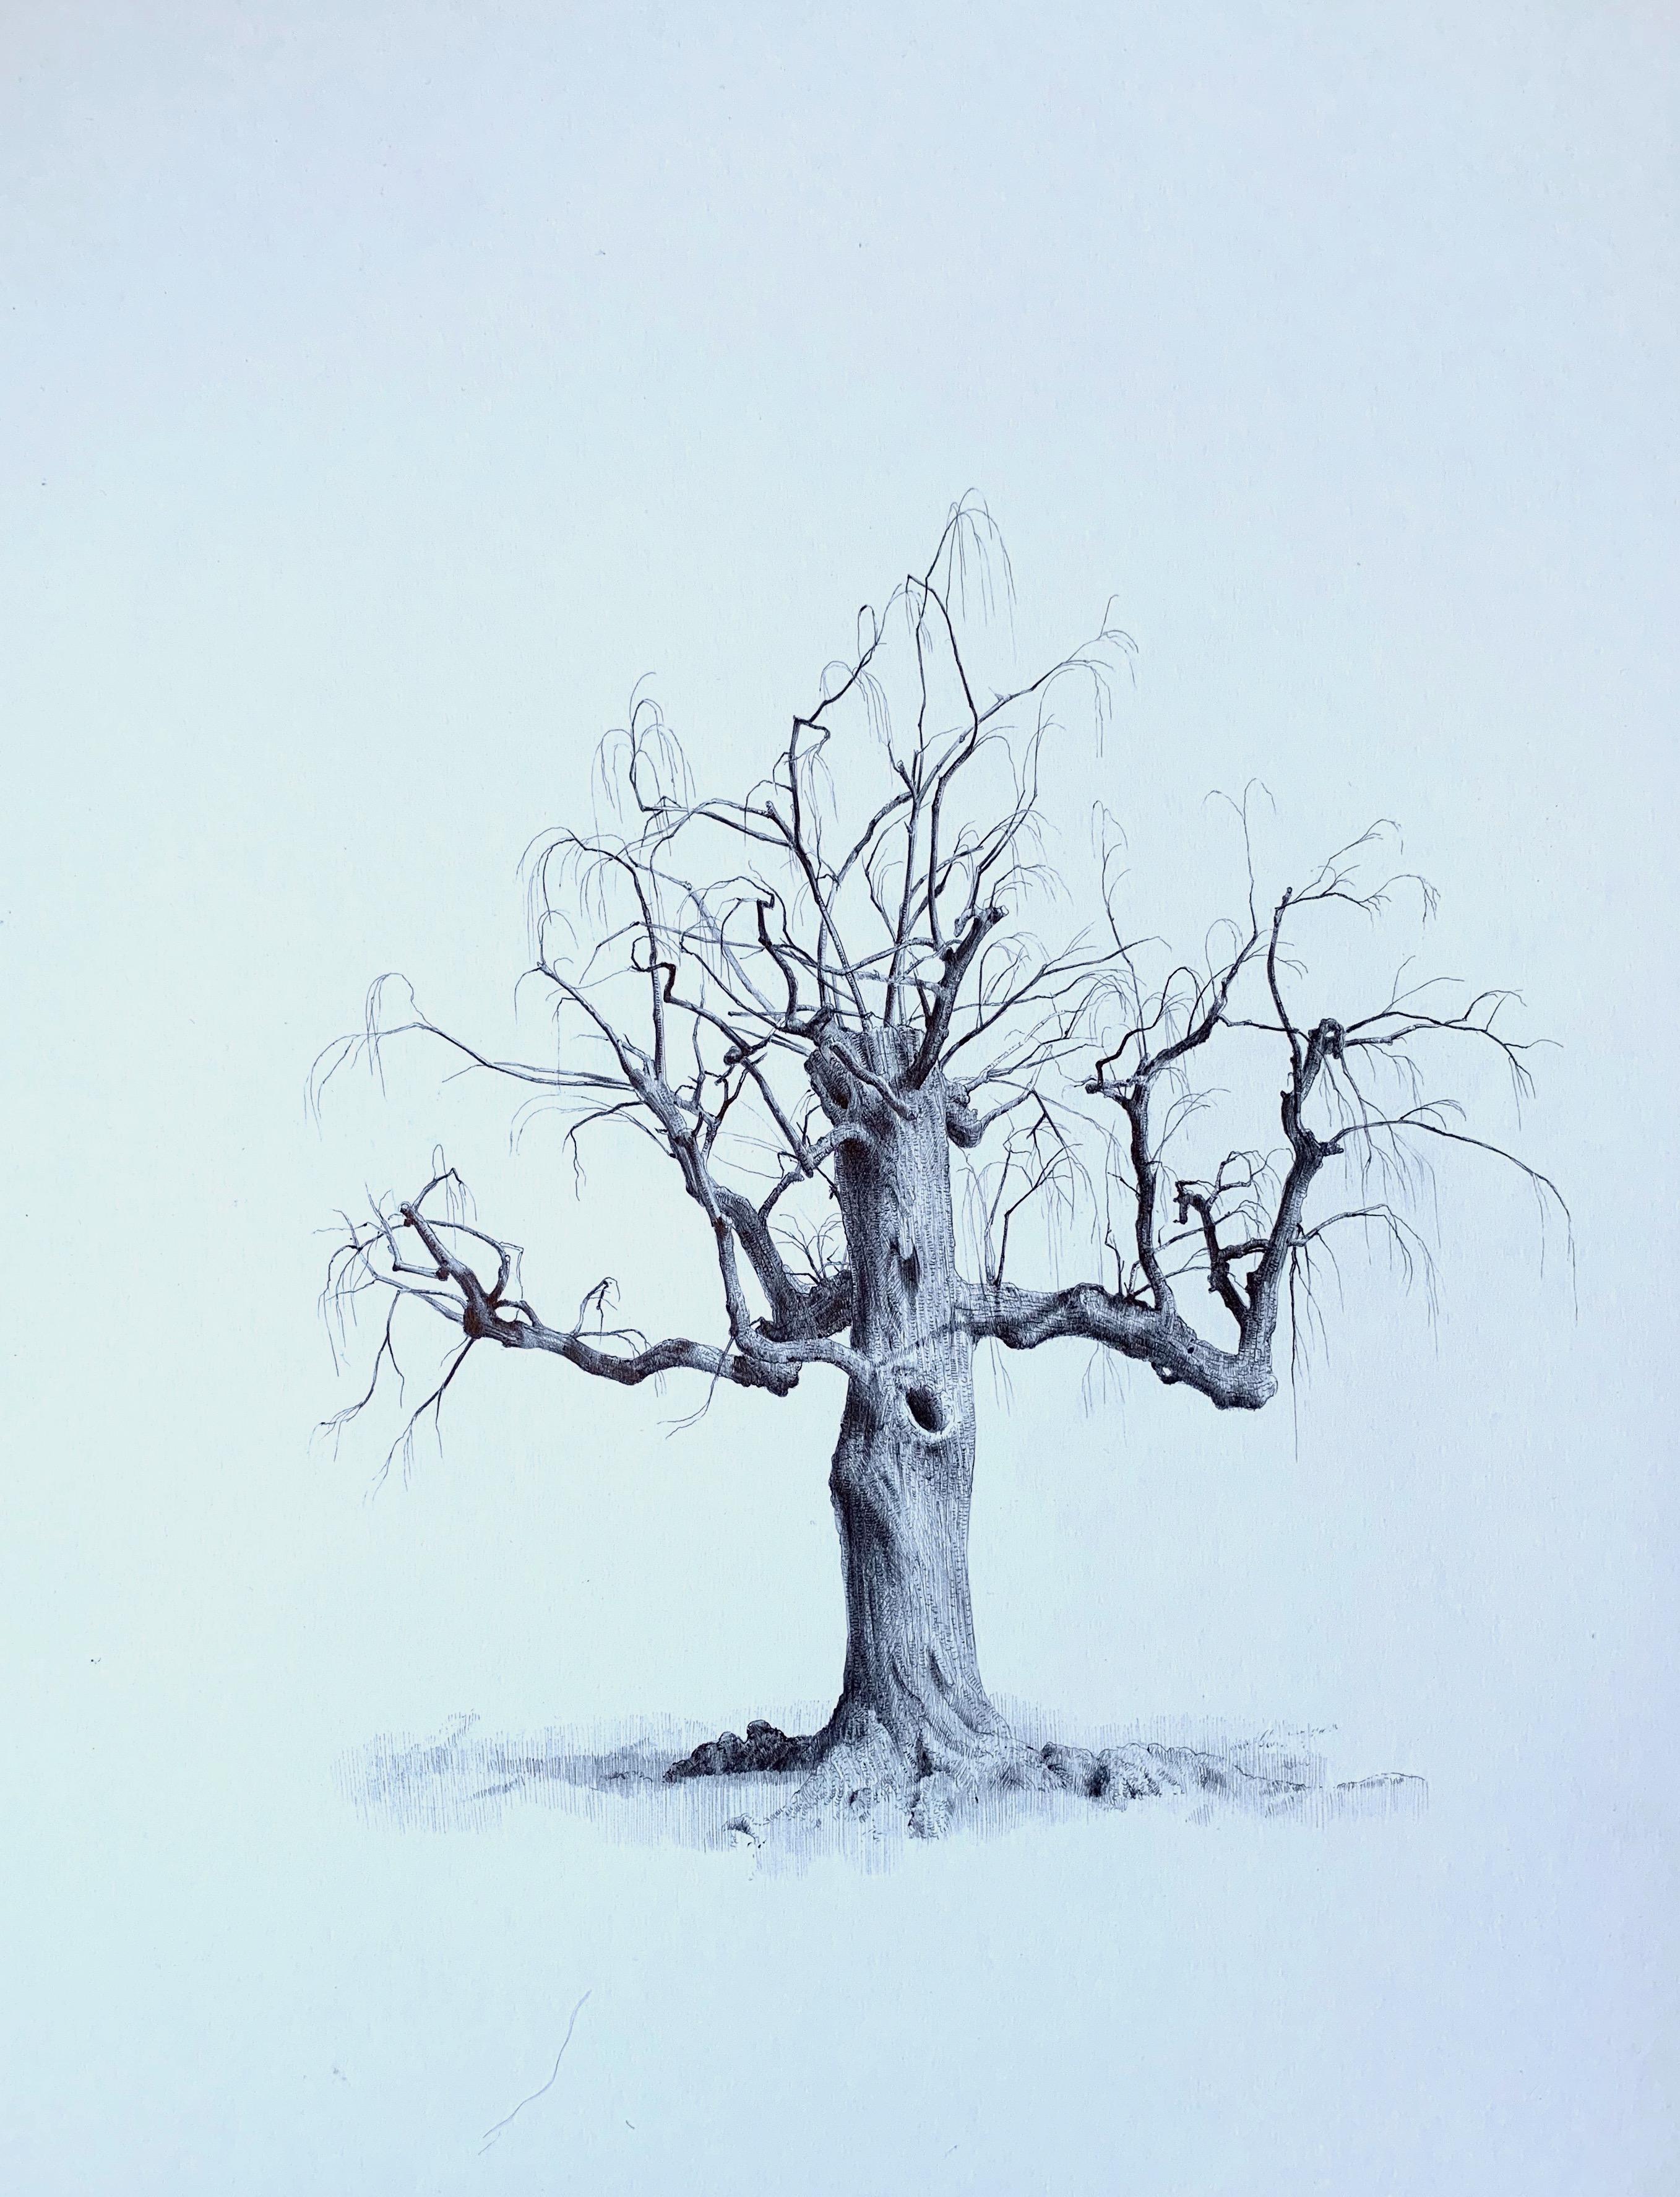 Untitled (Spirit Tree), realist ballpoint pen still life drawing, 2020